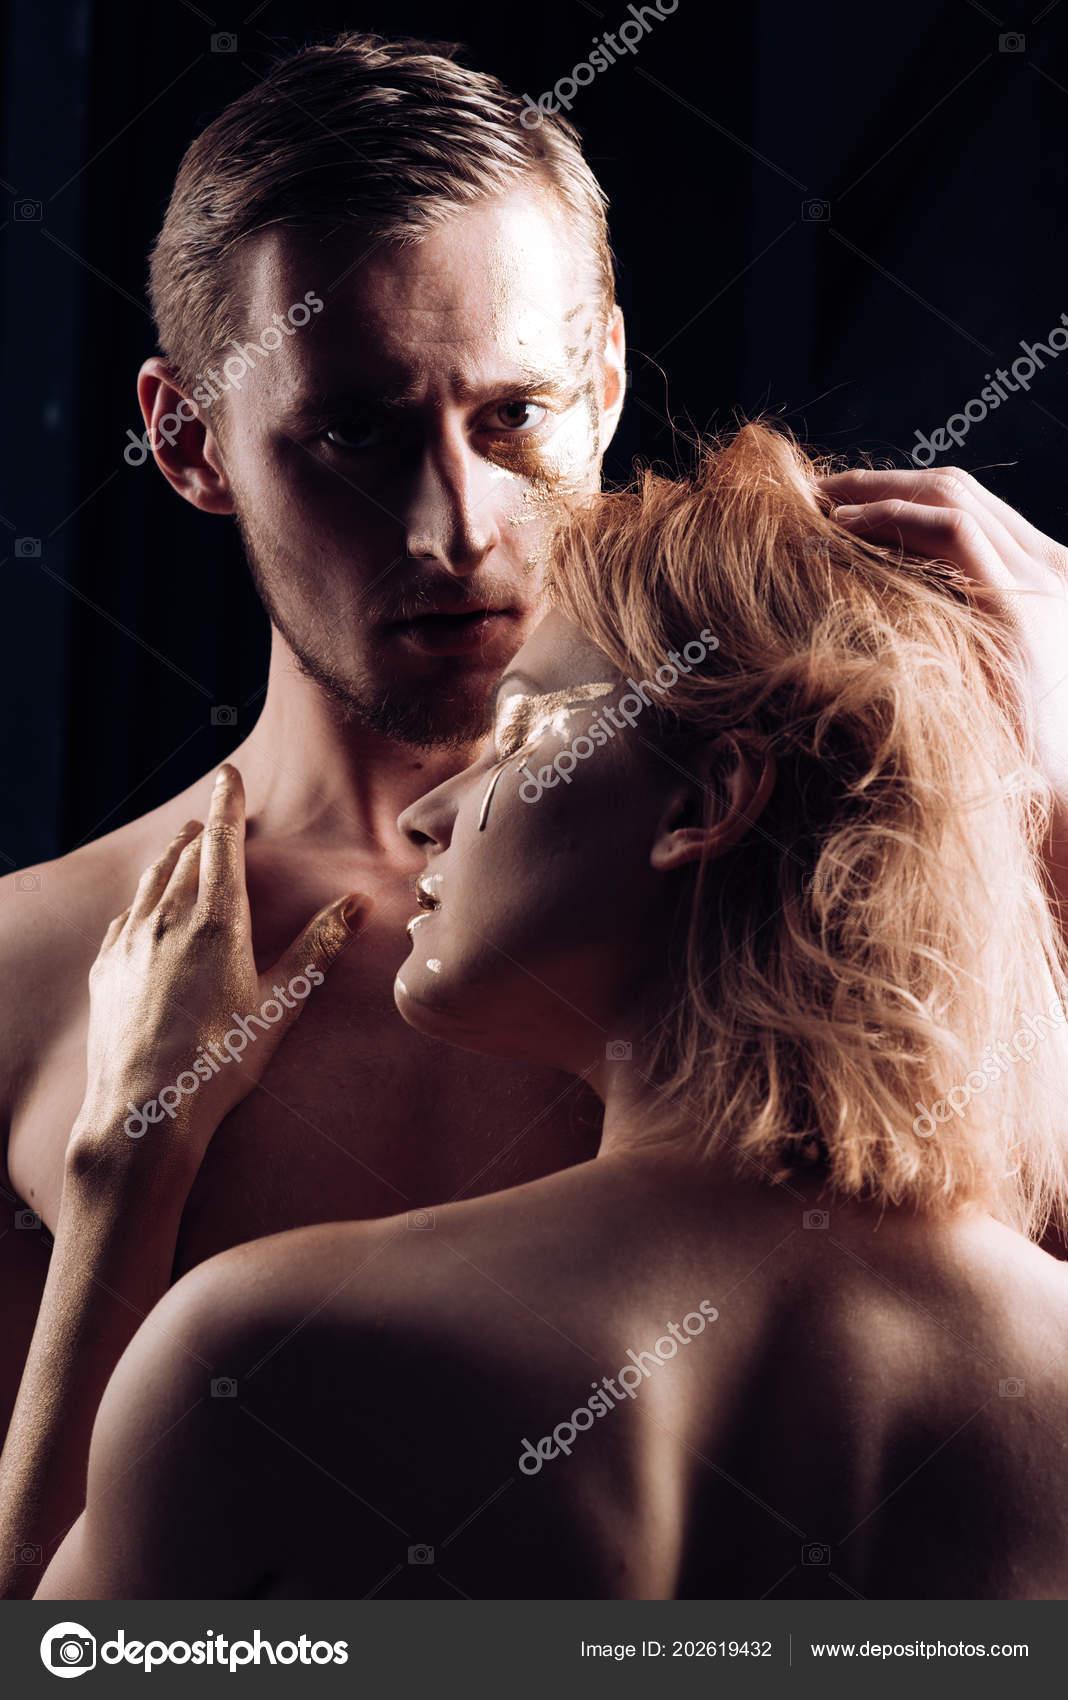 Coppia In Amore Con Il Corpo Nudo Coppia In Amore Abbraccio E Ha